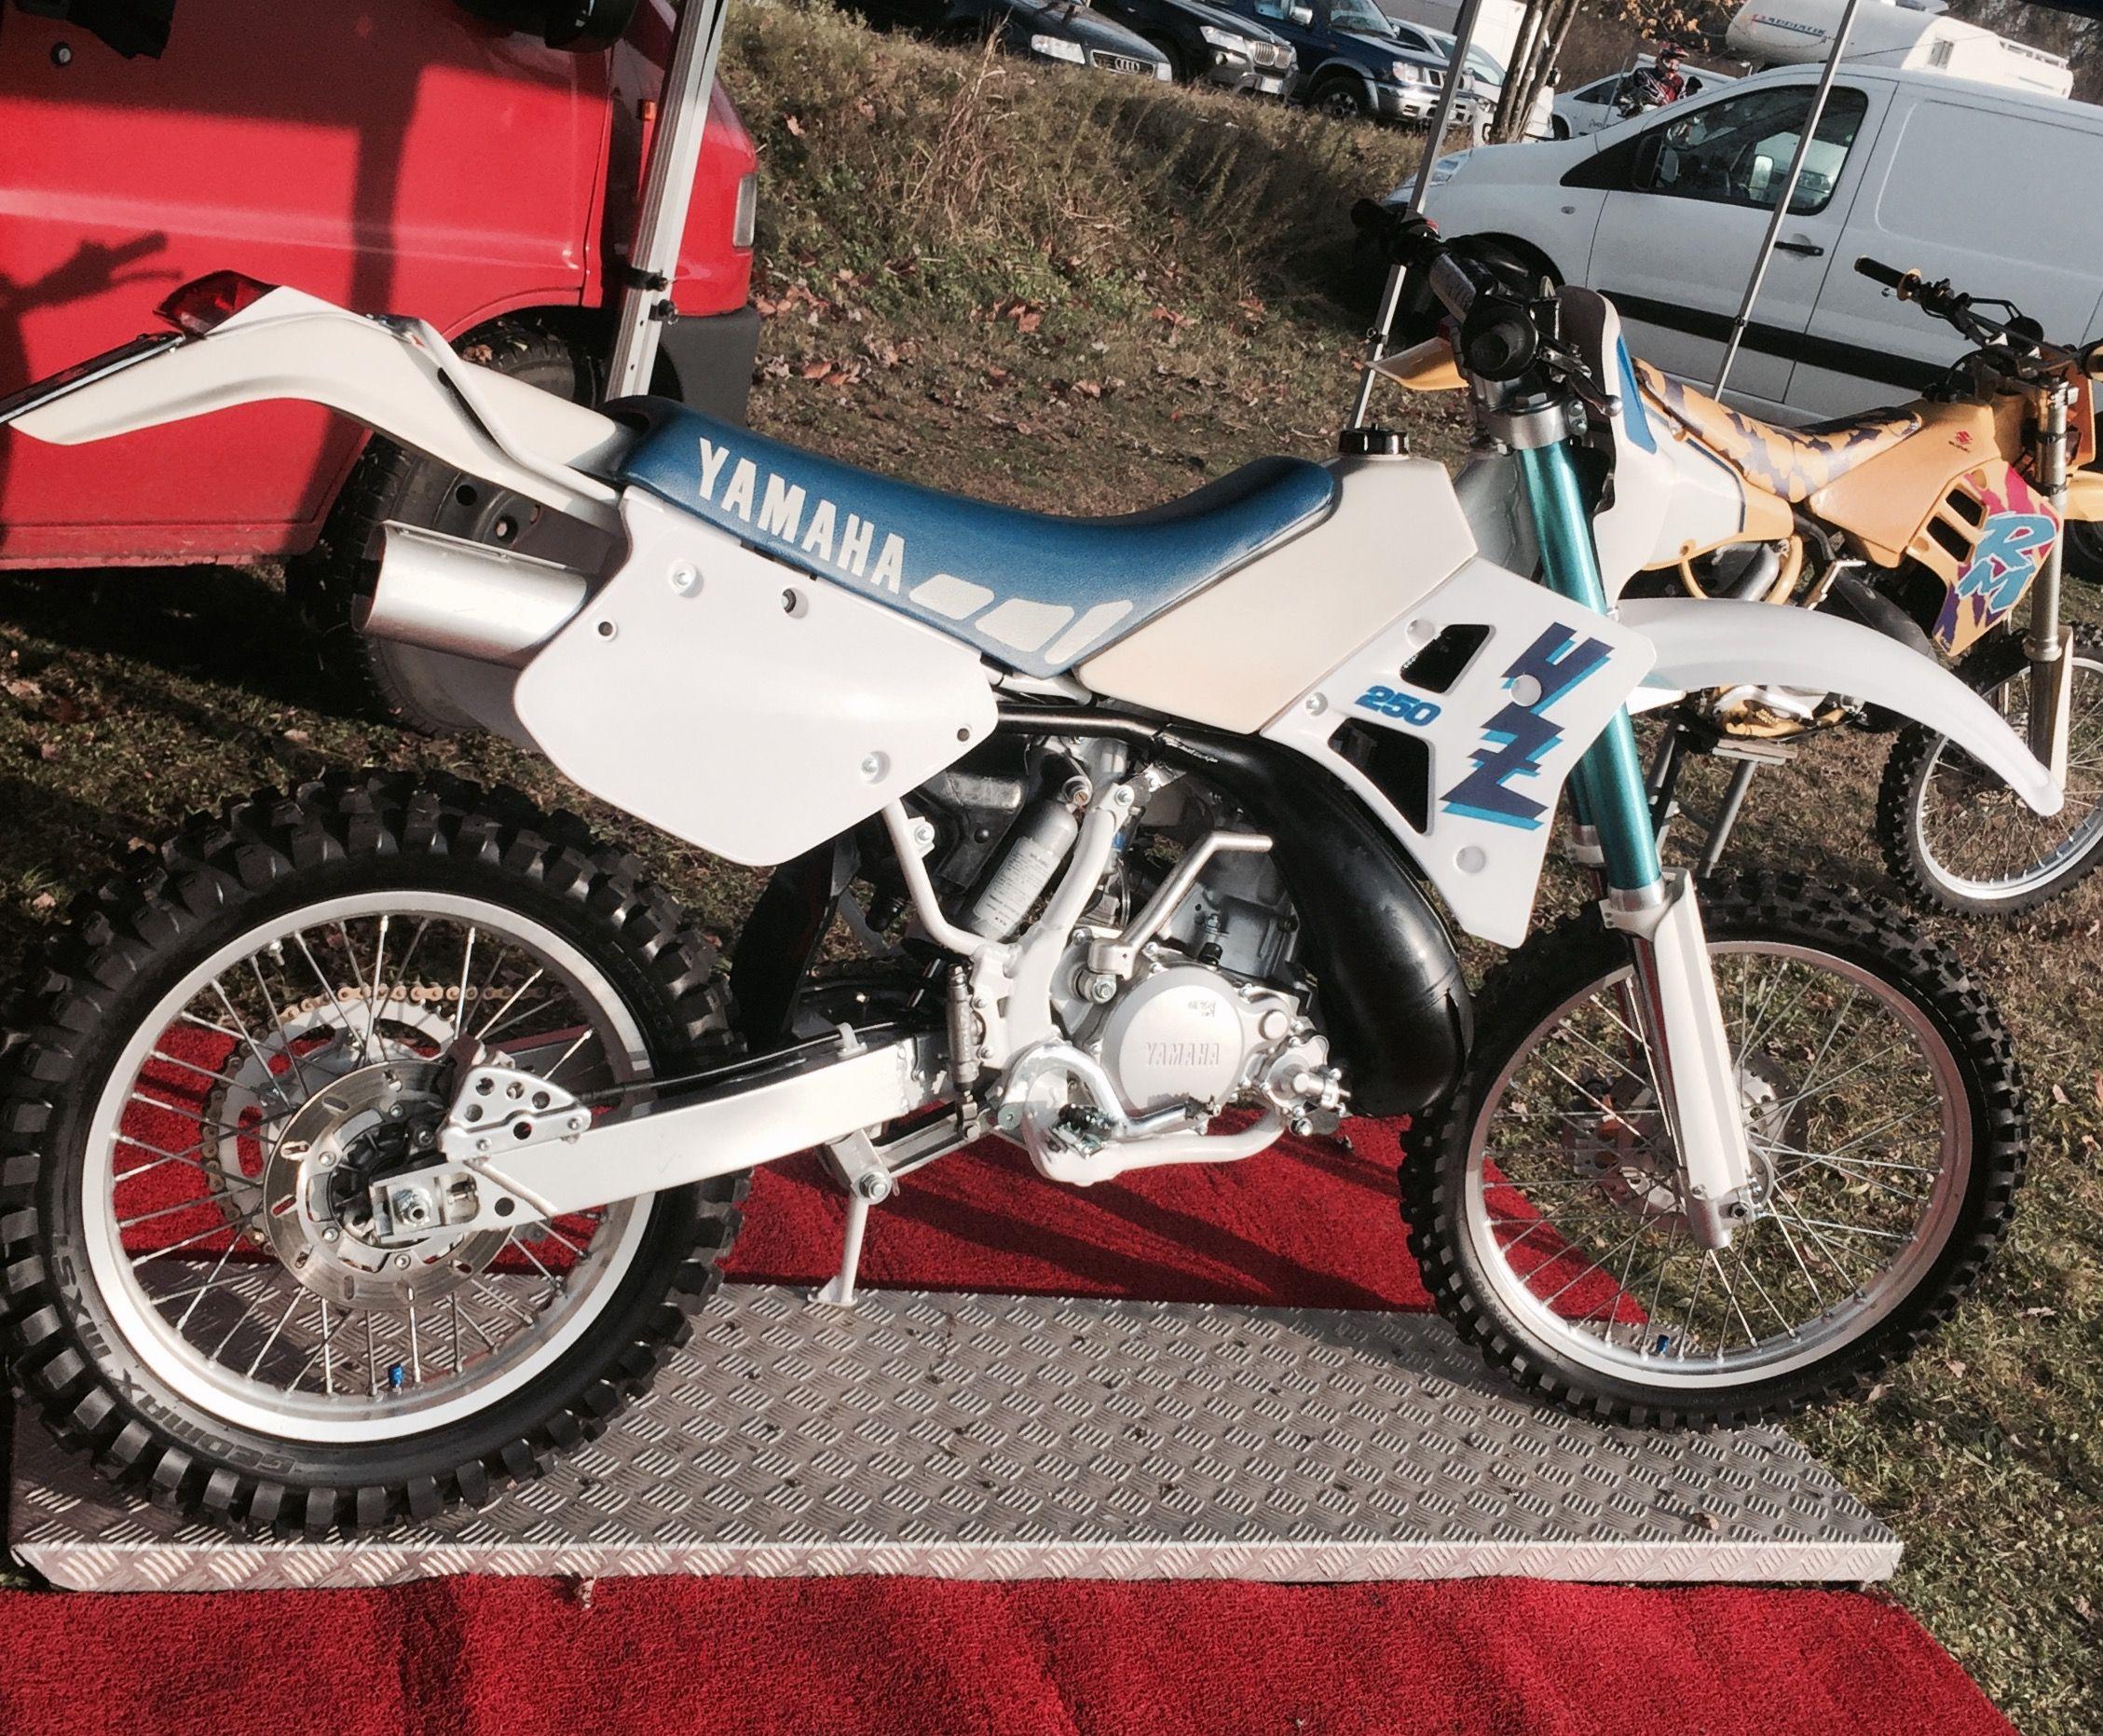 Yamaha Yz 250 Wr 1990 Vintage Dirt Bike Byrd Yamaha